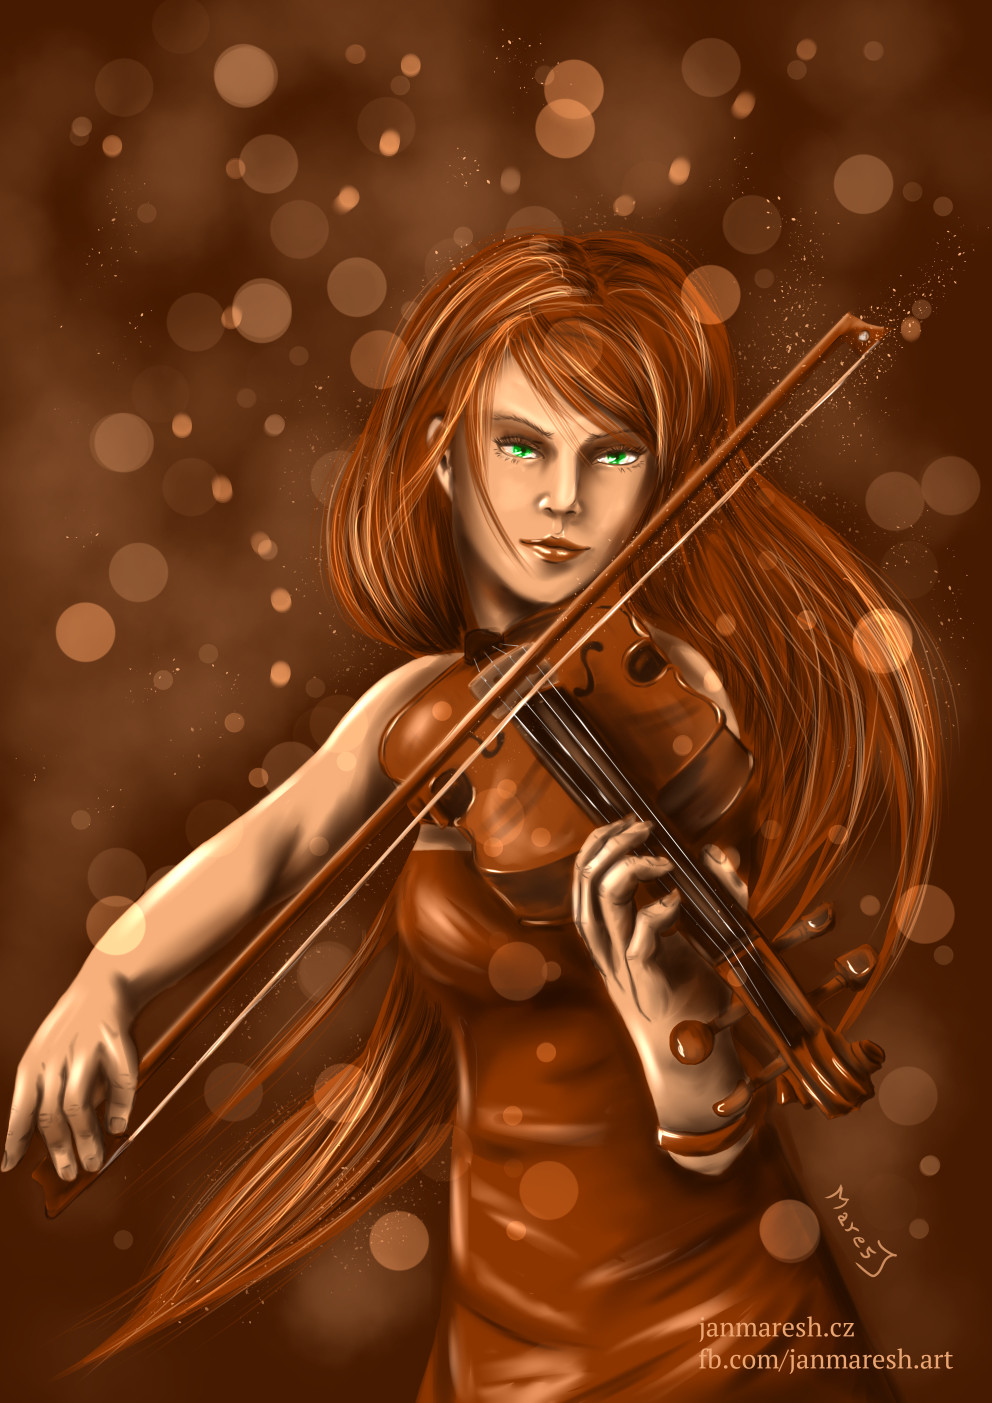 Jan Mares - Violin